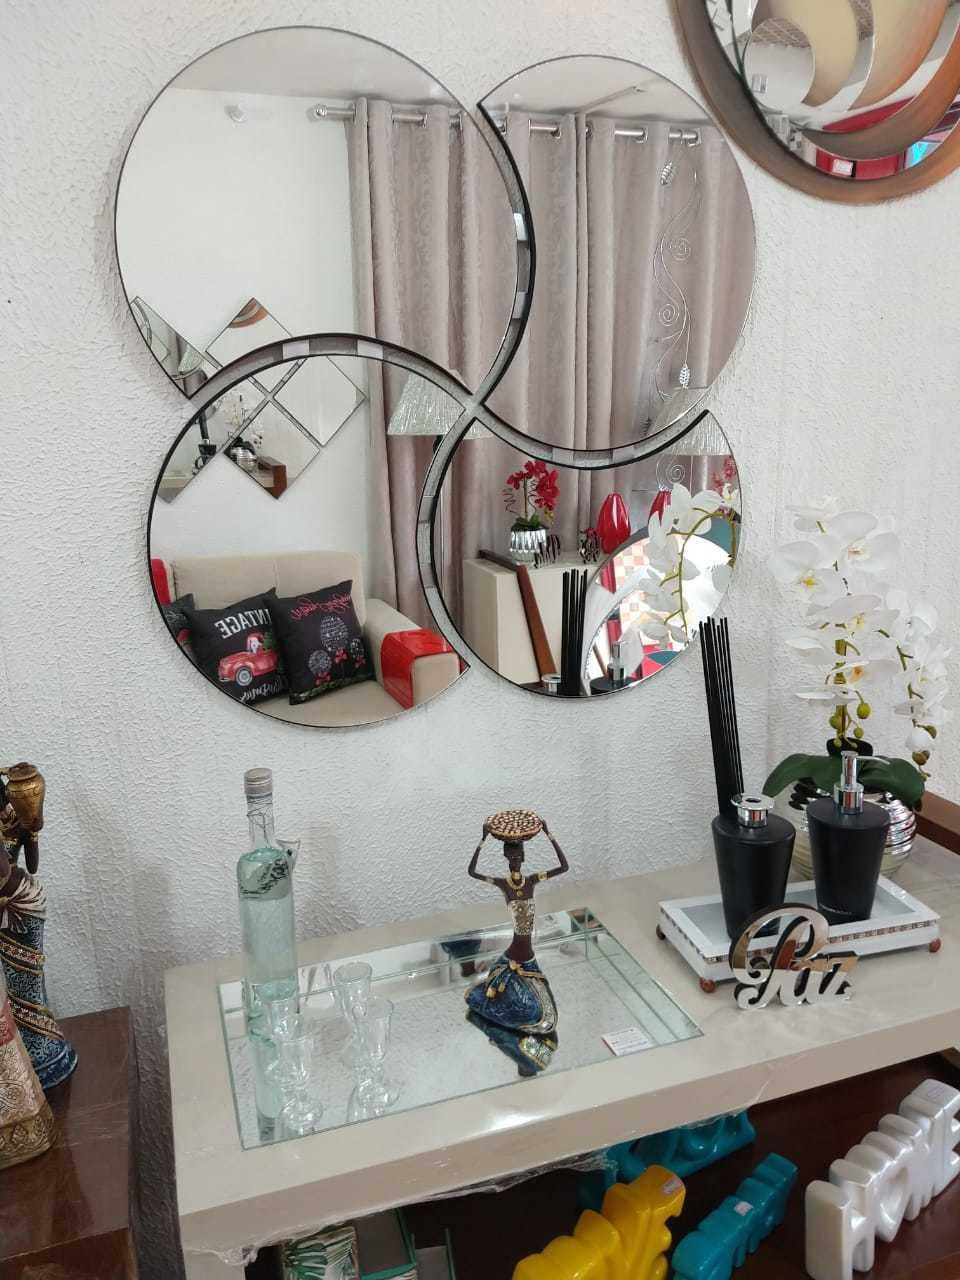 Espelho Decorativo de Parede Modelo Trevo, Disponível nos Tamanhos de 1 x 1 Metro e 0,80 x 0,80 cm